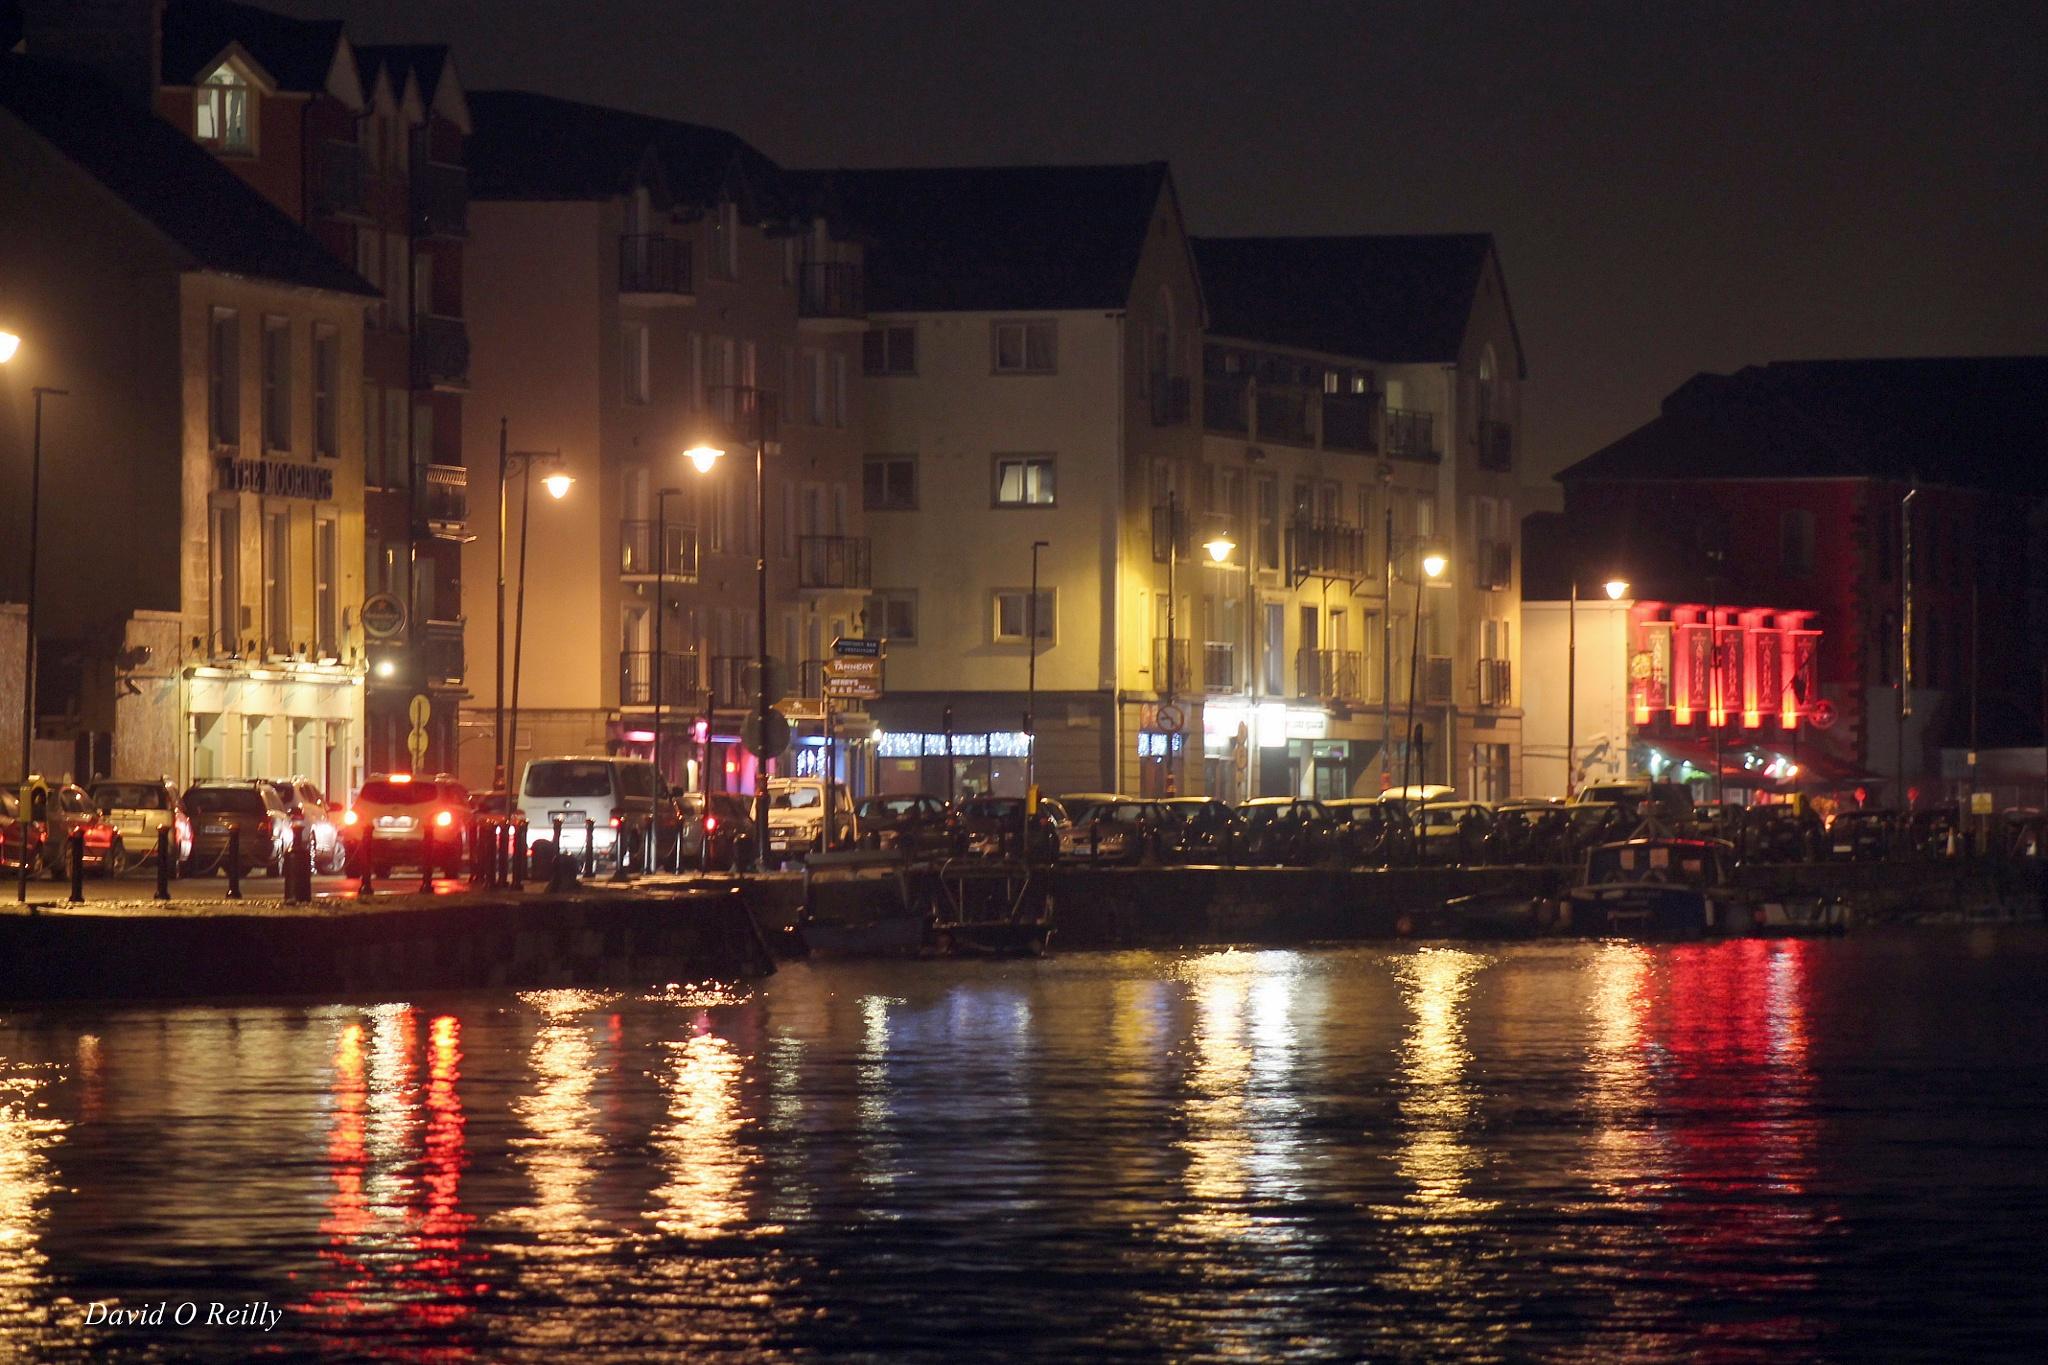 Dungarvan town at night  Ireland by Dáithí Ó Raghallaigh